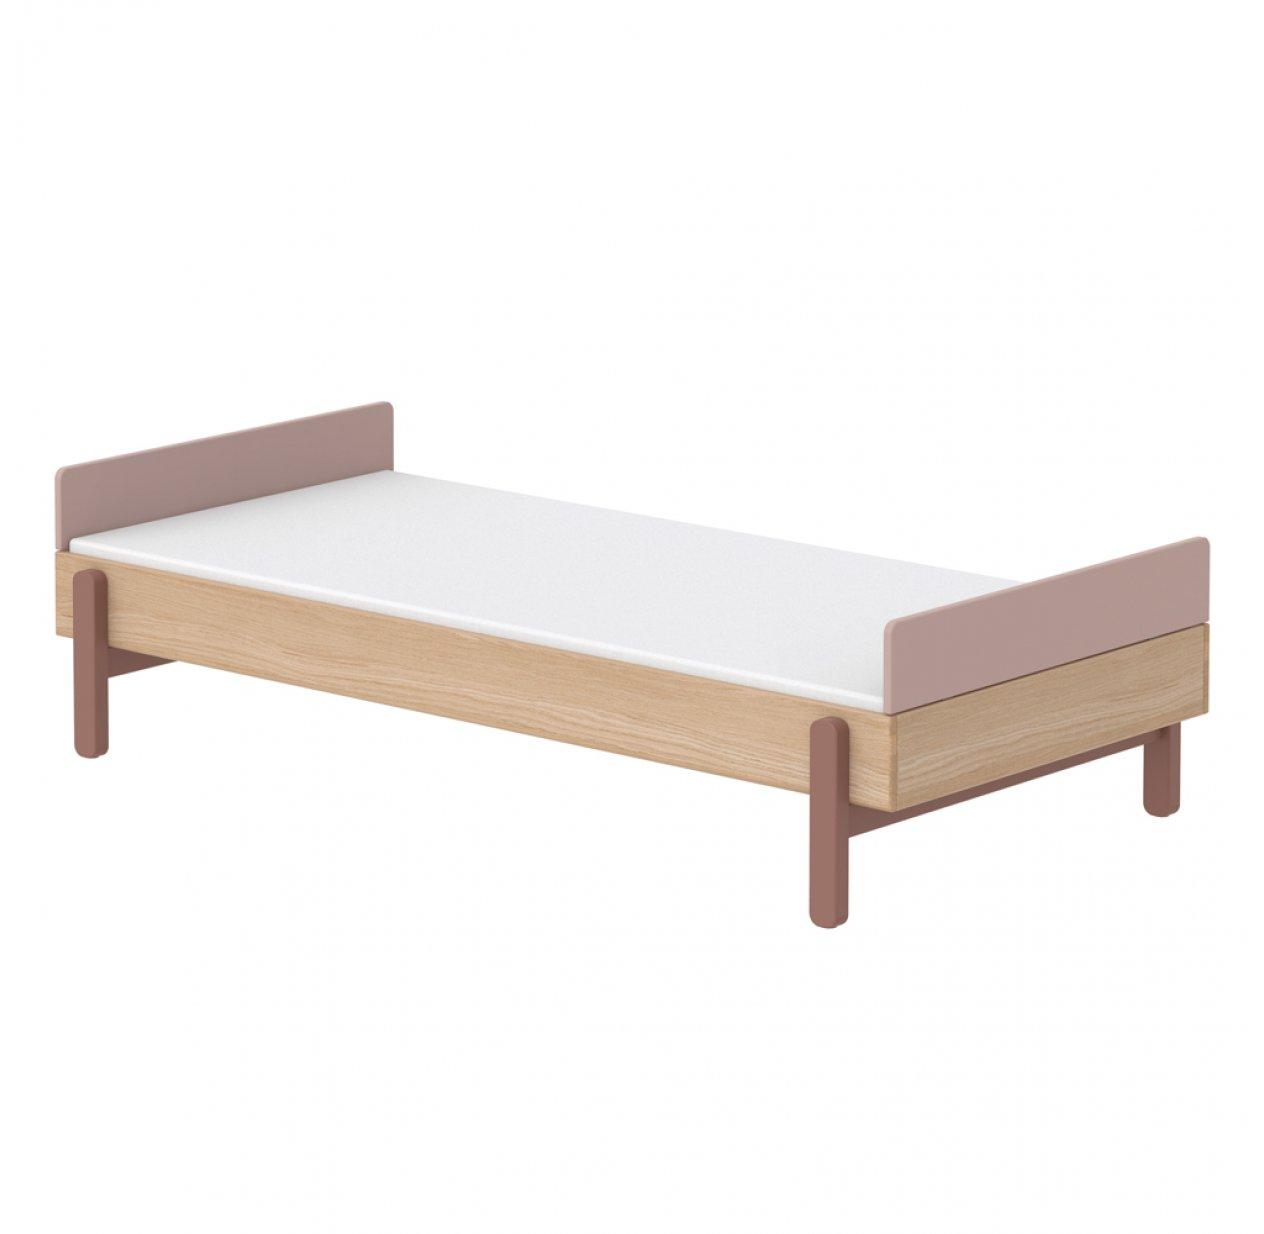 lit simple t te de lit basse popsicle ch ne cherry flexa popsicle pour chambre enfant les. Black Bedroom Furniture Sets. Home Design Ideas